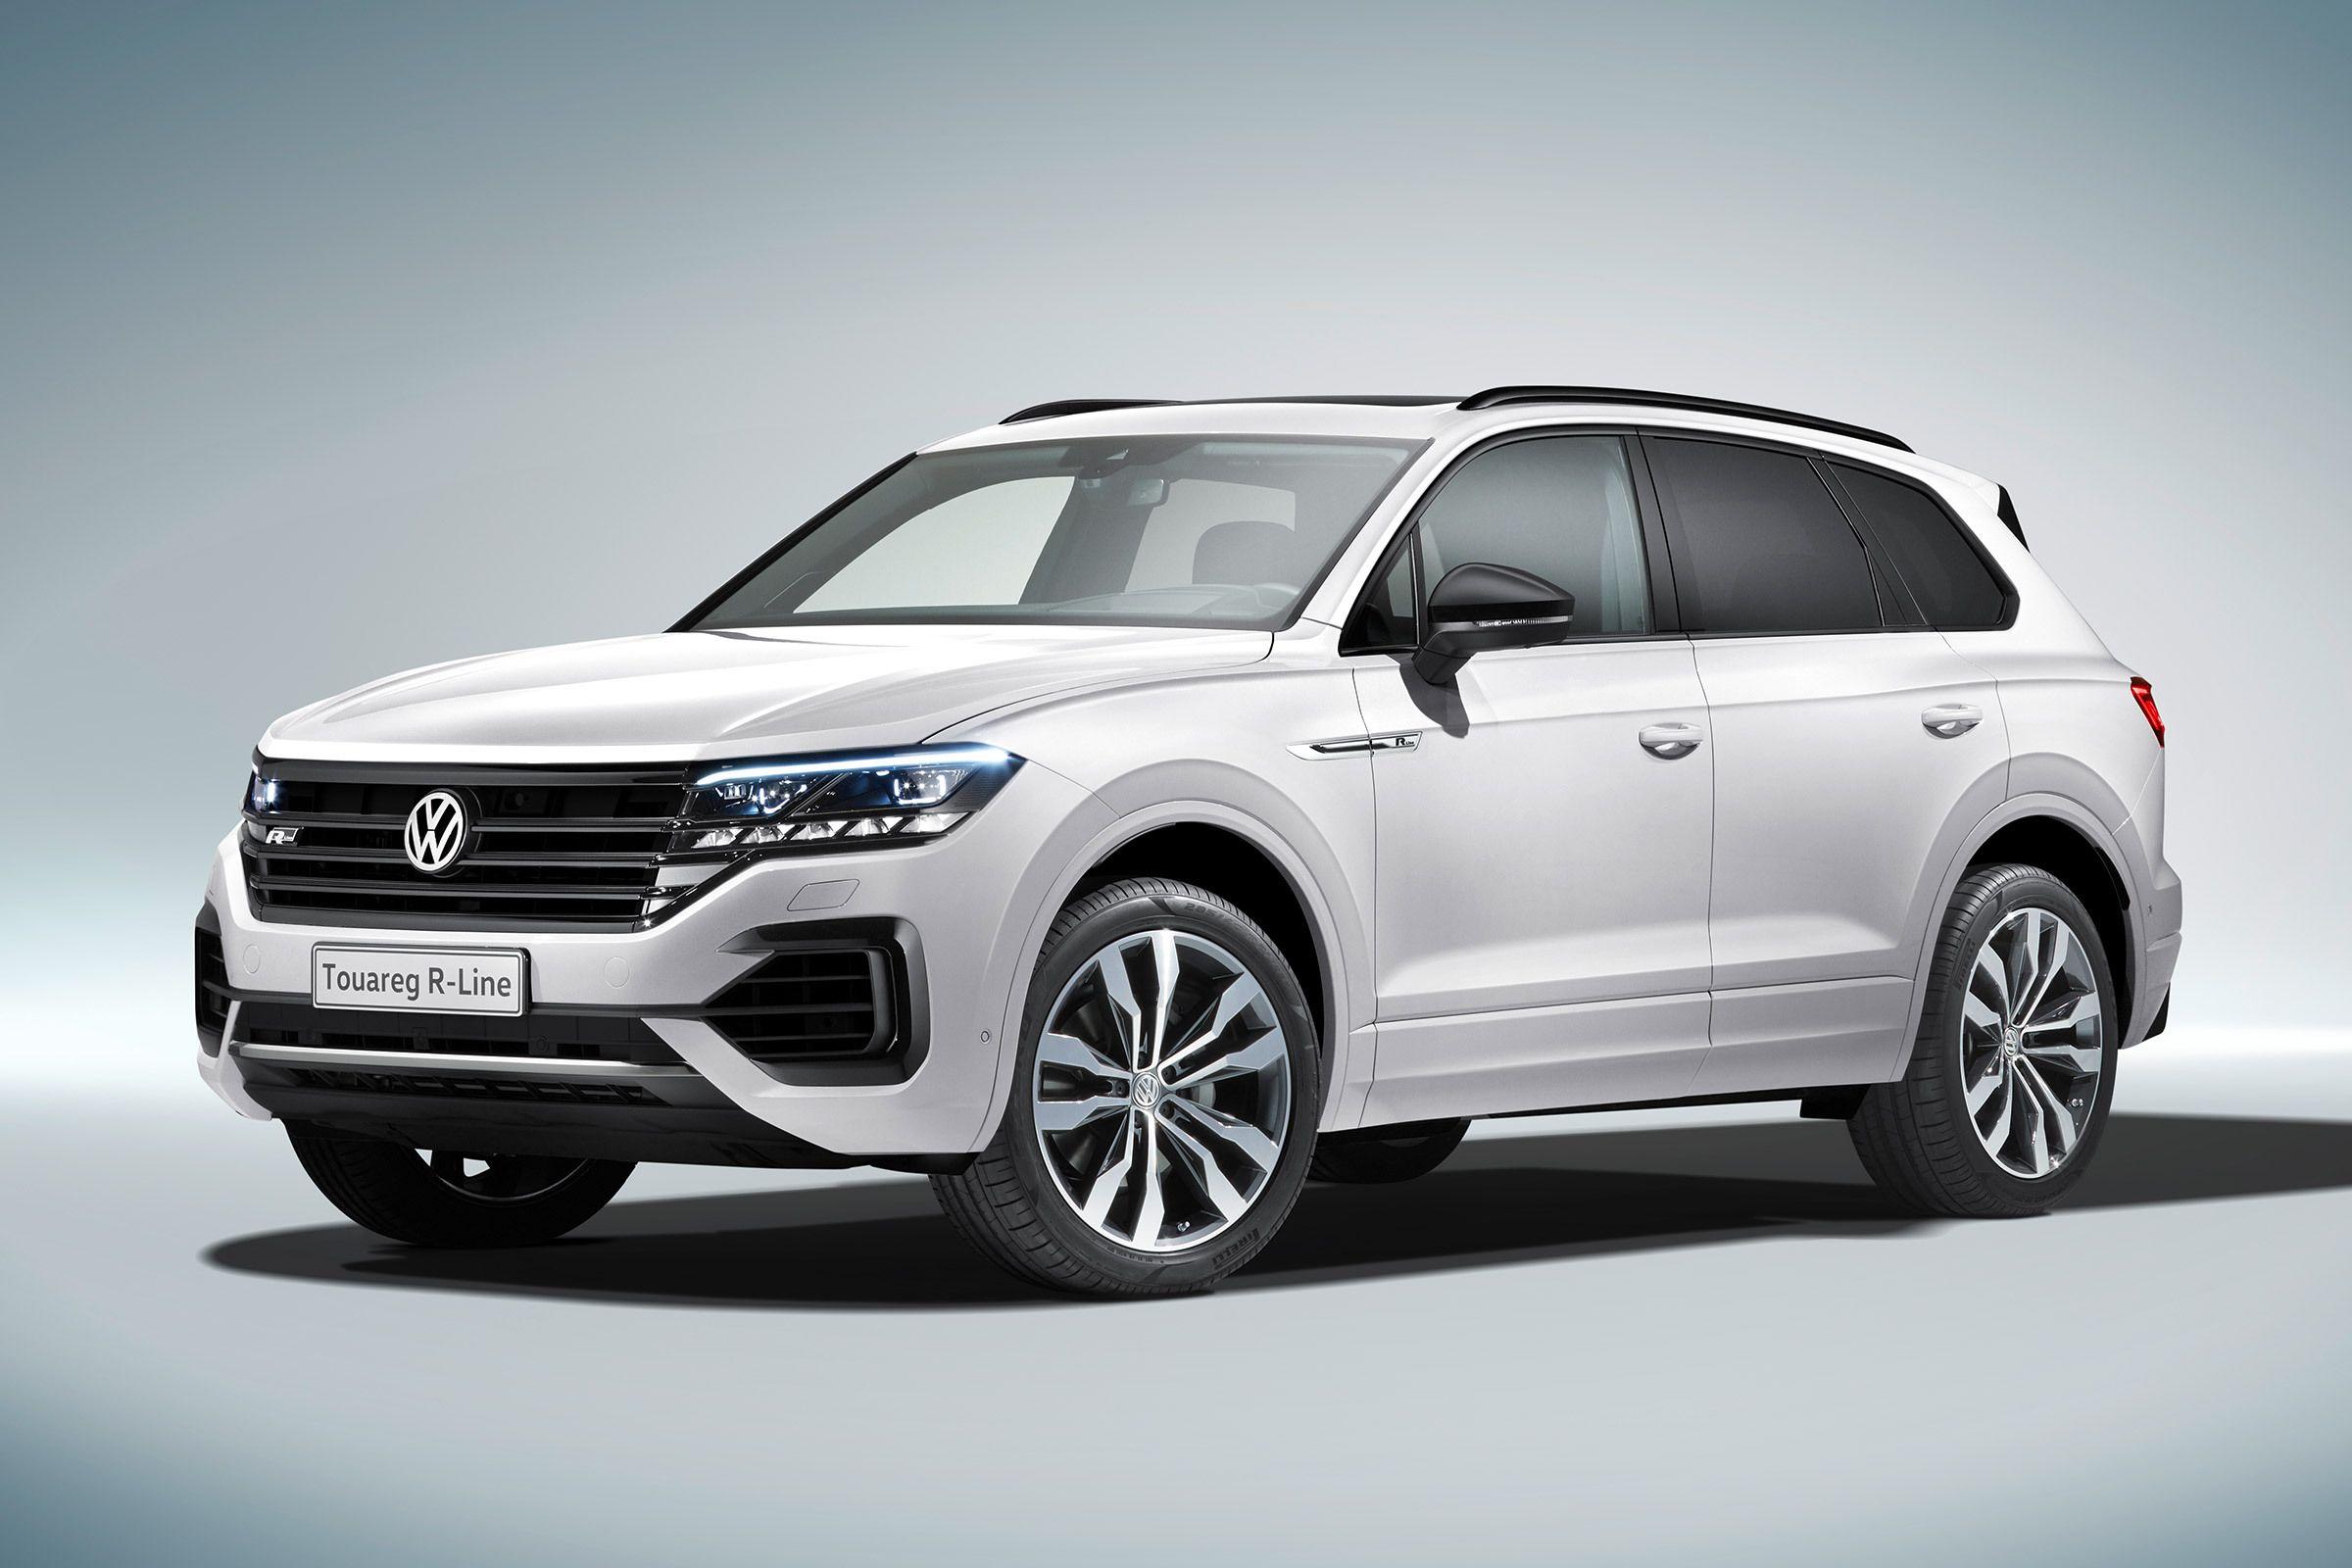 Touareg Vw 2020 Volkswagen Touareg Volkswagen Car Touareg Vw